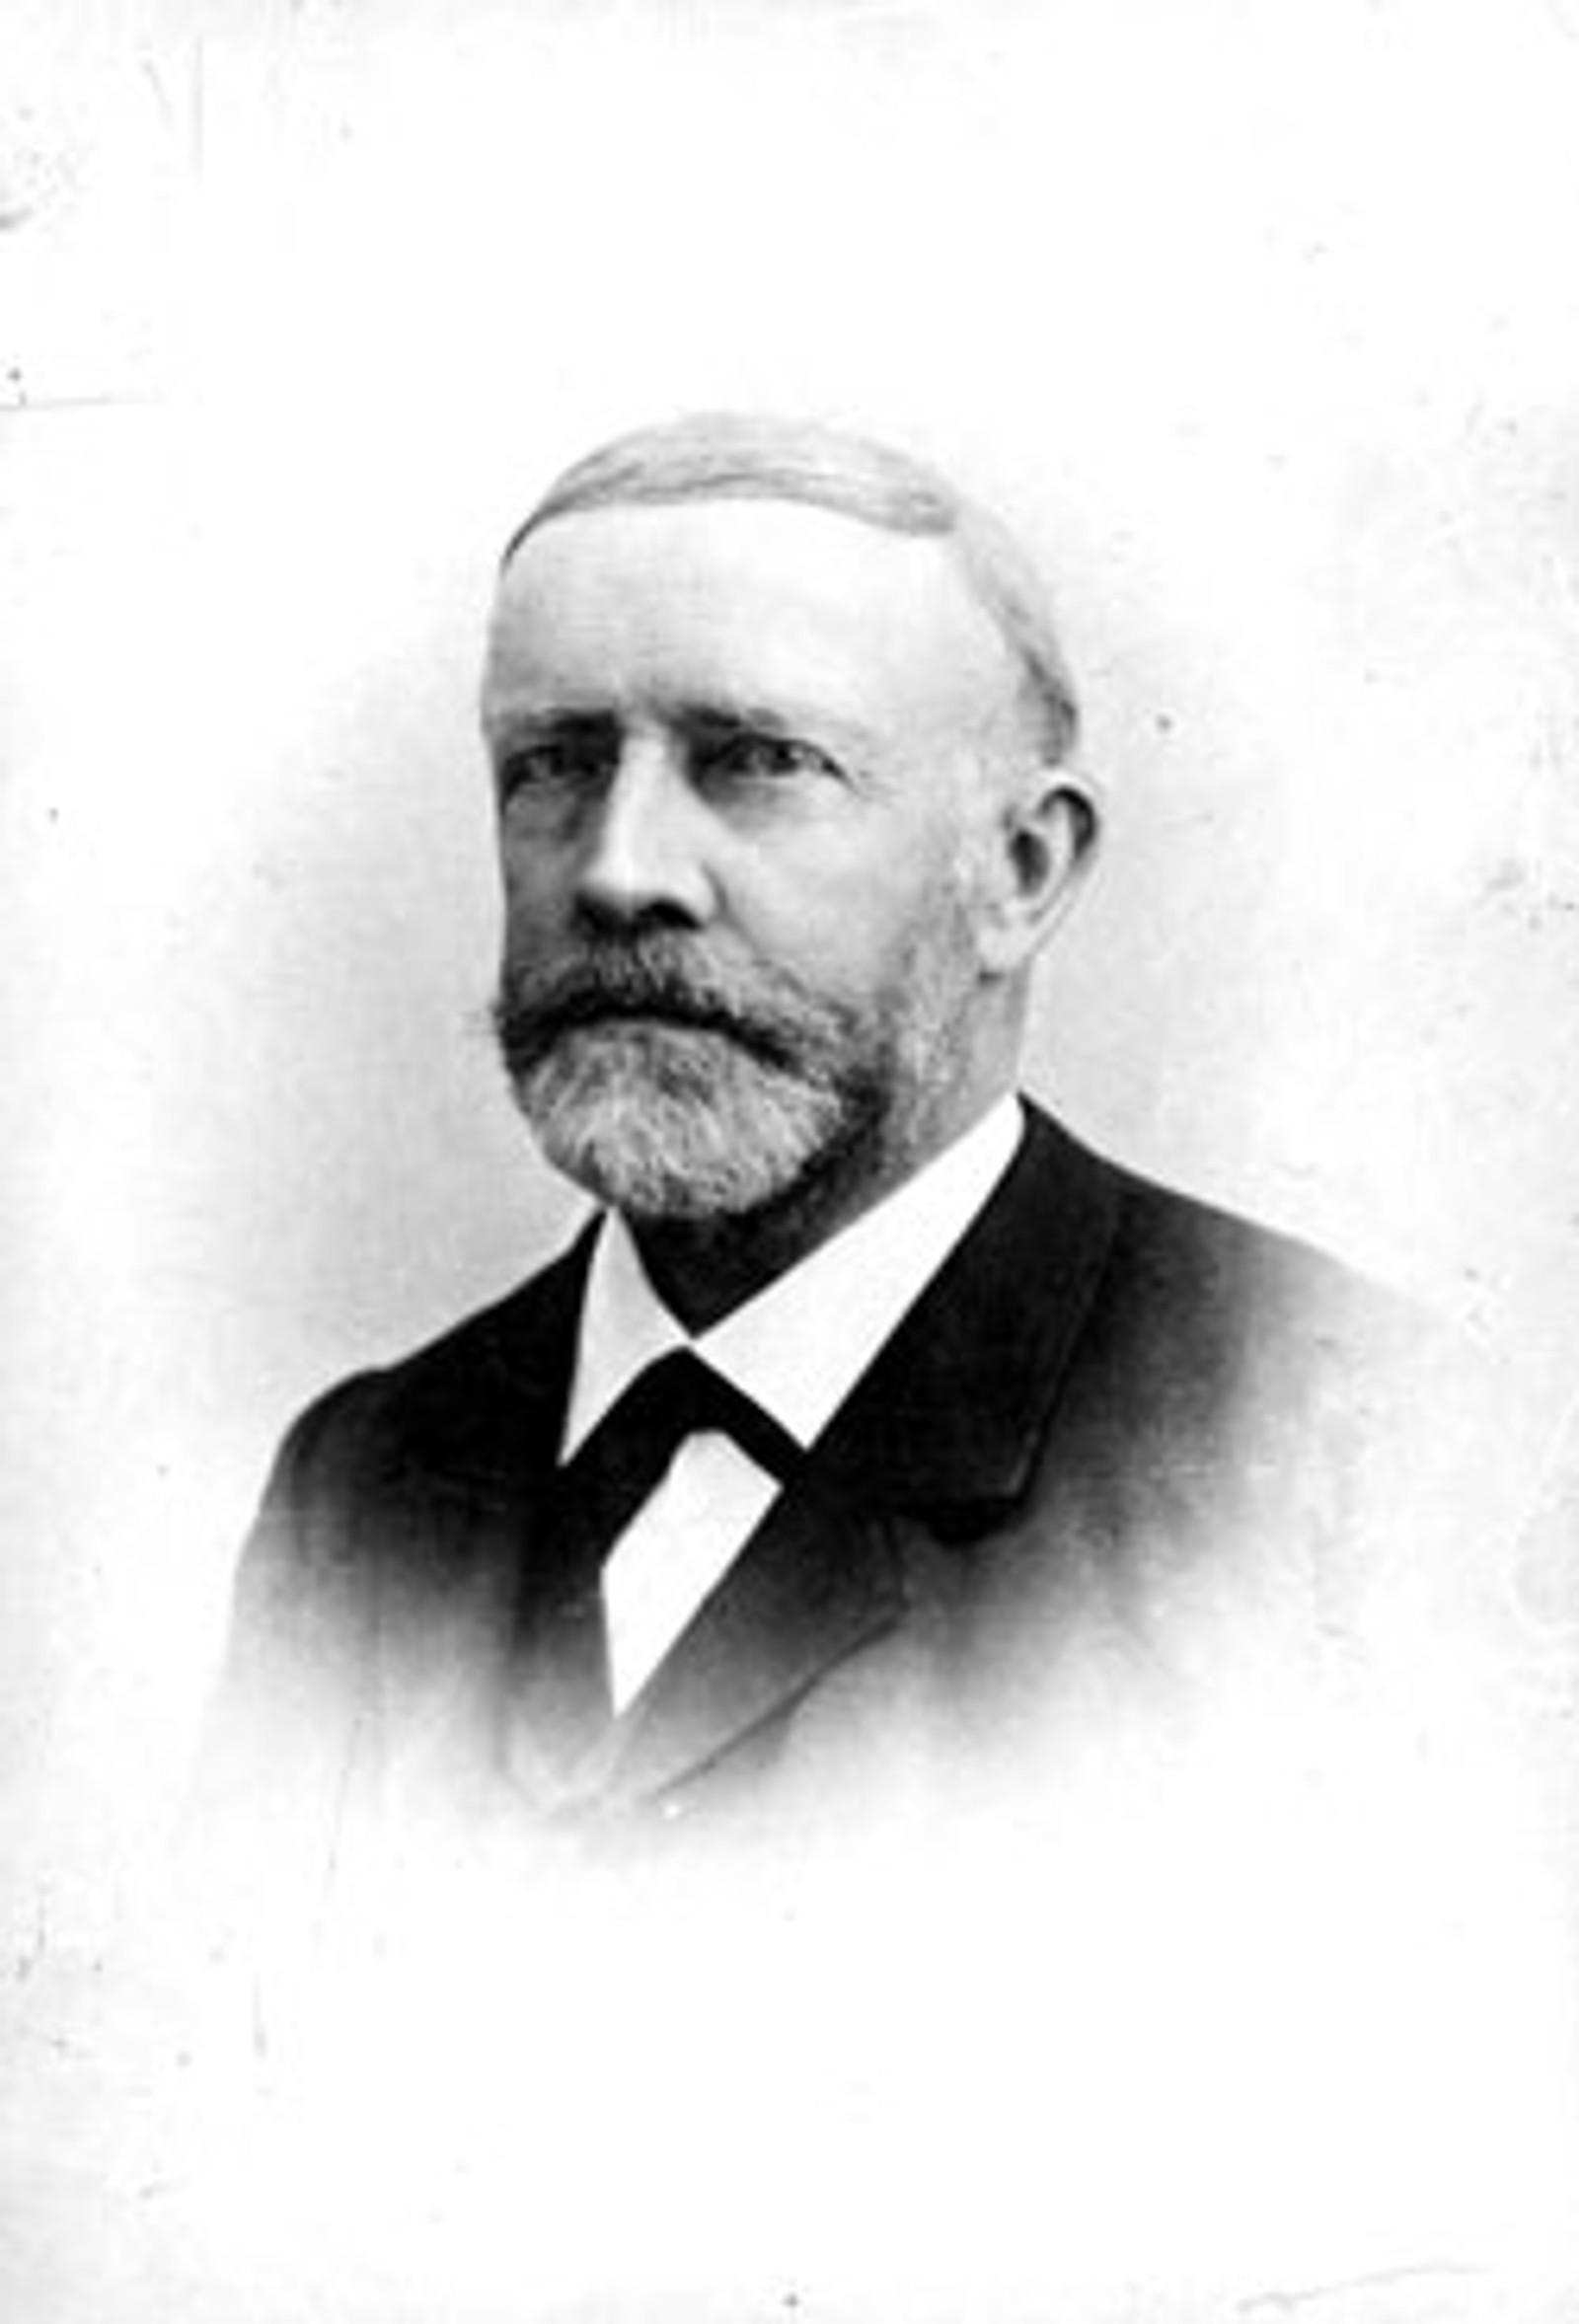 Portrett av Carl Fredrik Isaachsen (overtok i 1876).